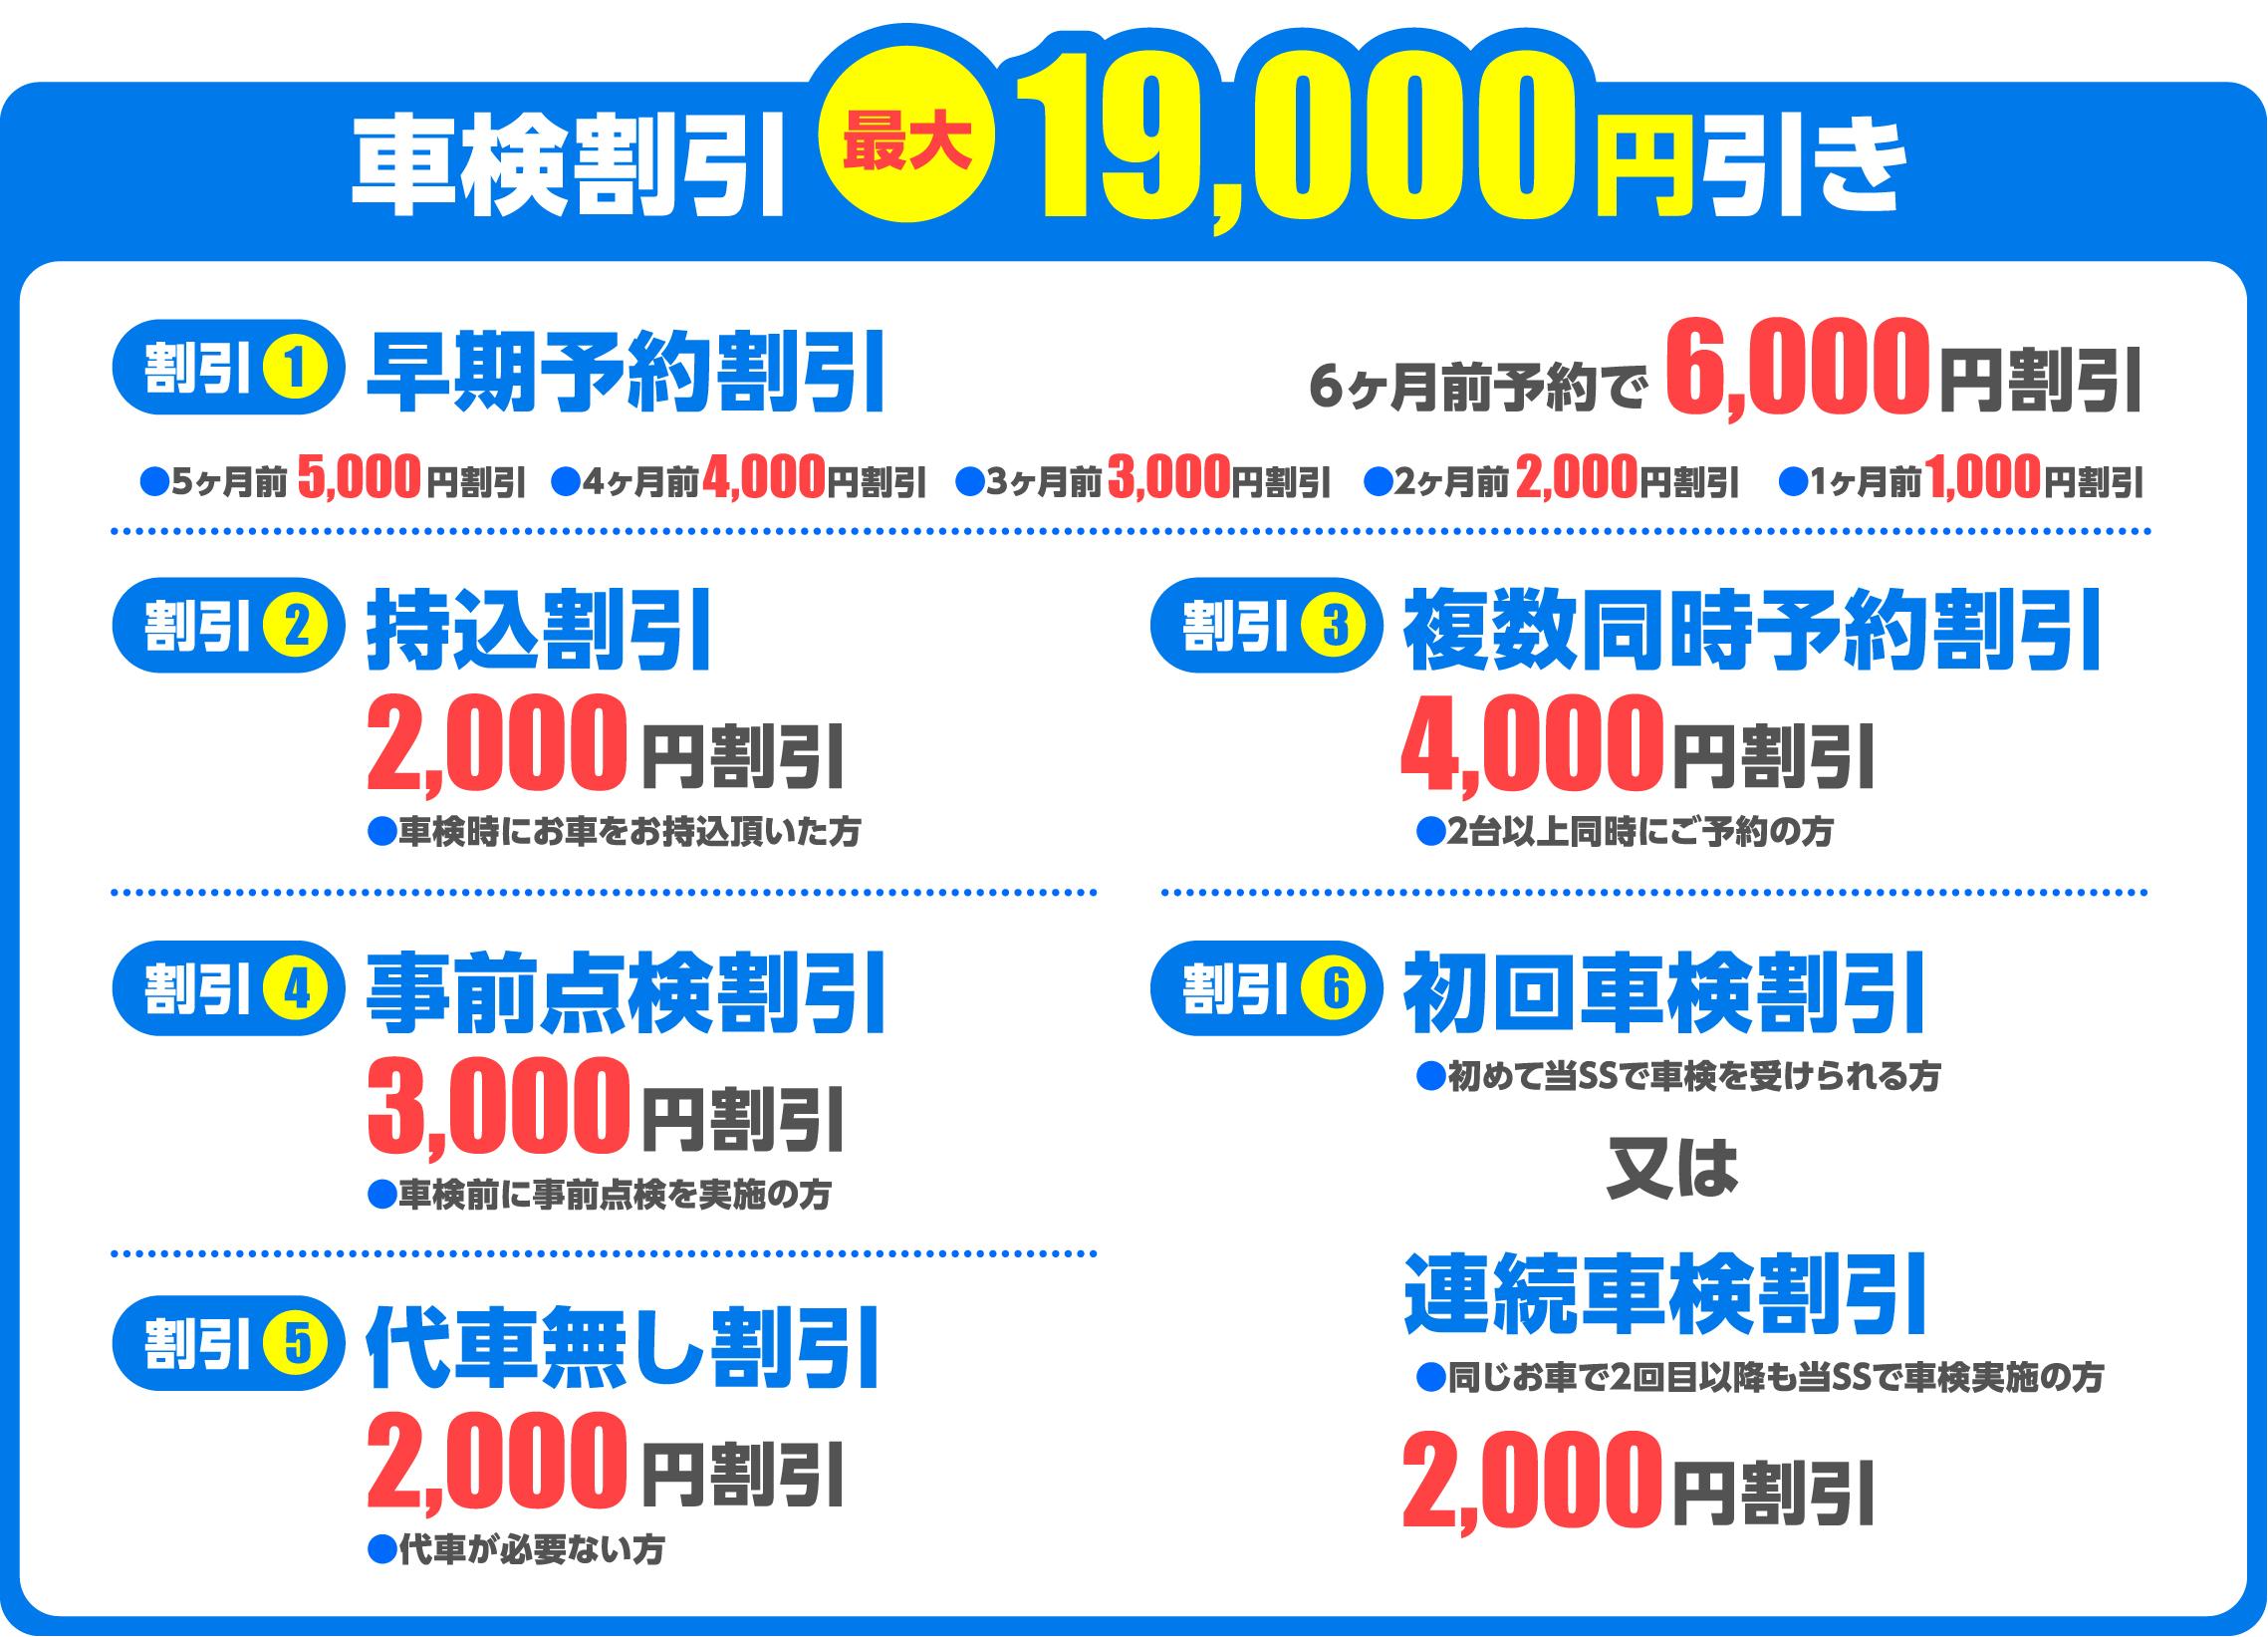 車検割引 最大19,000円引き